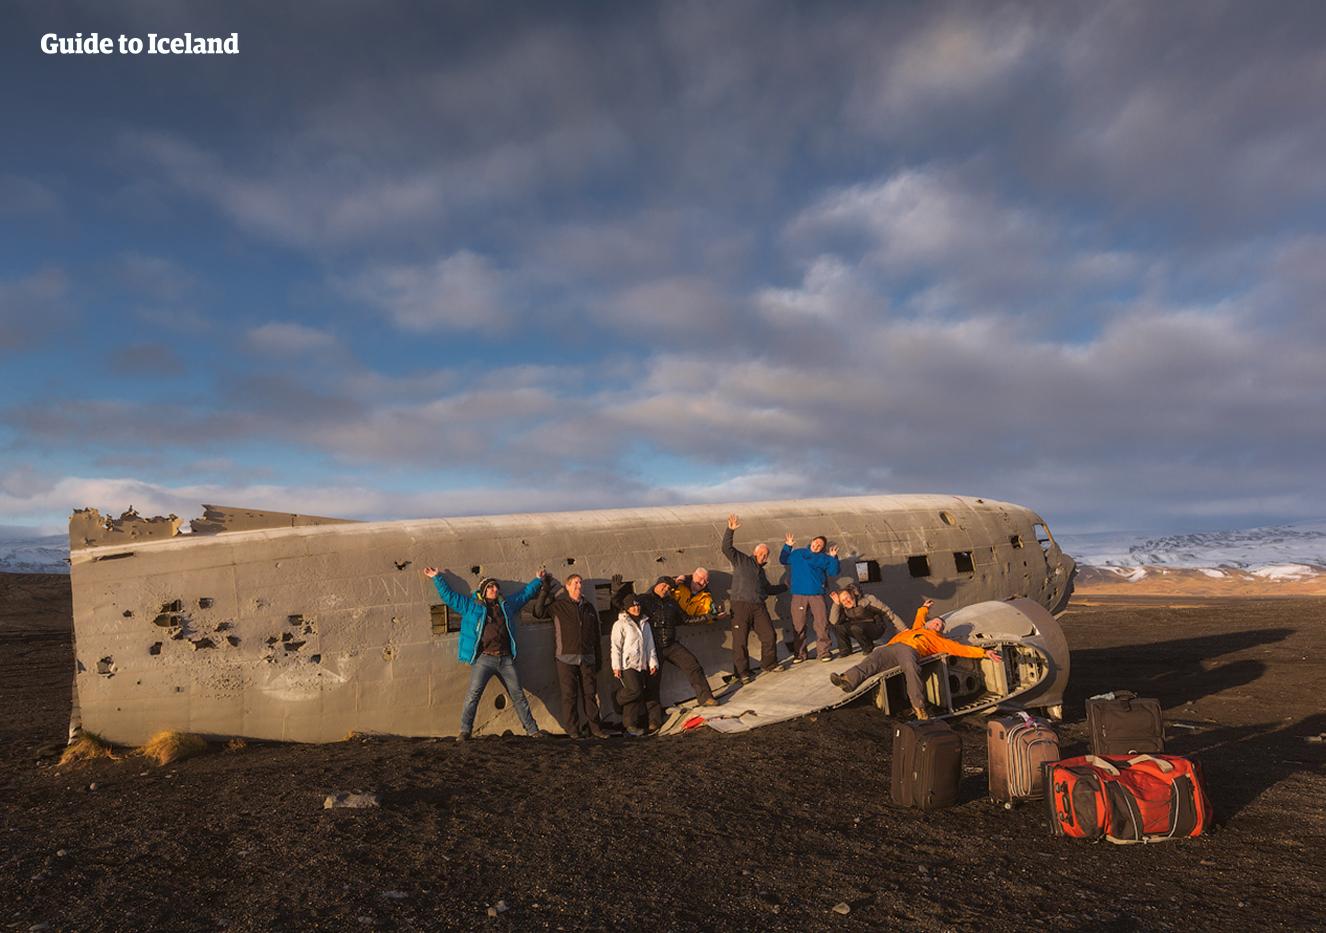 På Sør-Island finnes det et gammelt flyvrak som det er mulig å besøke.